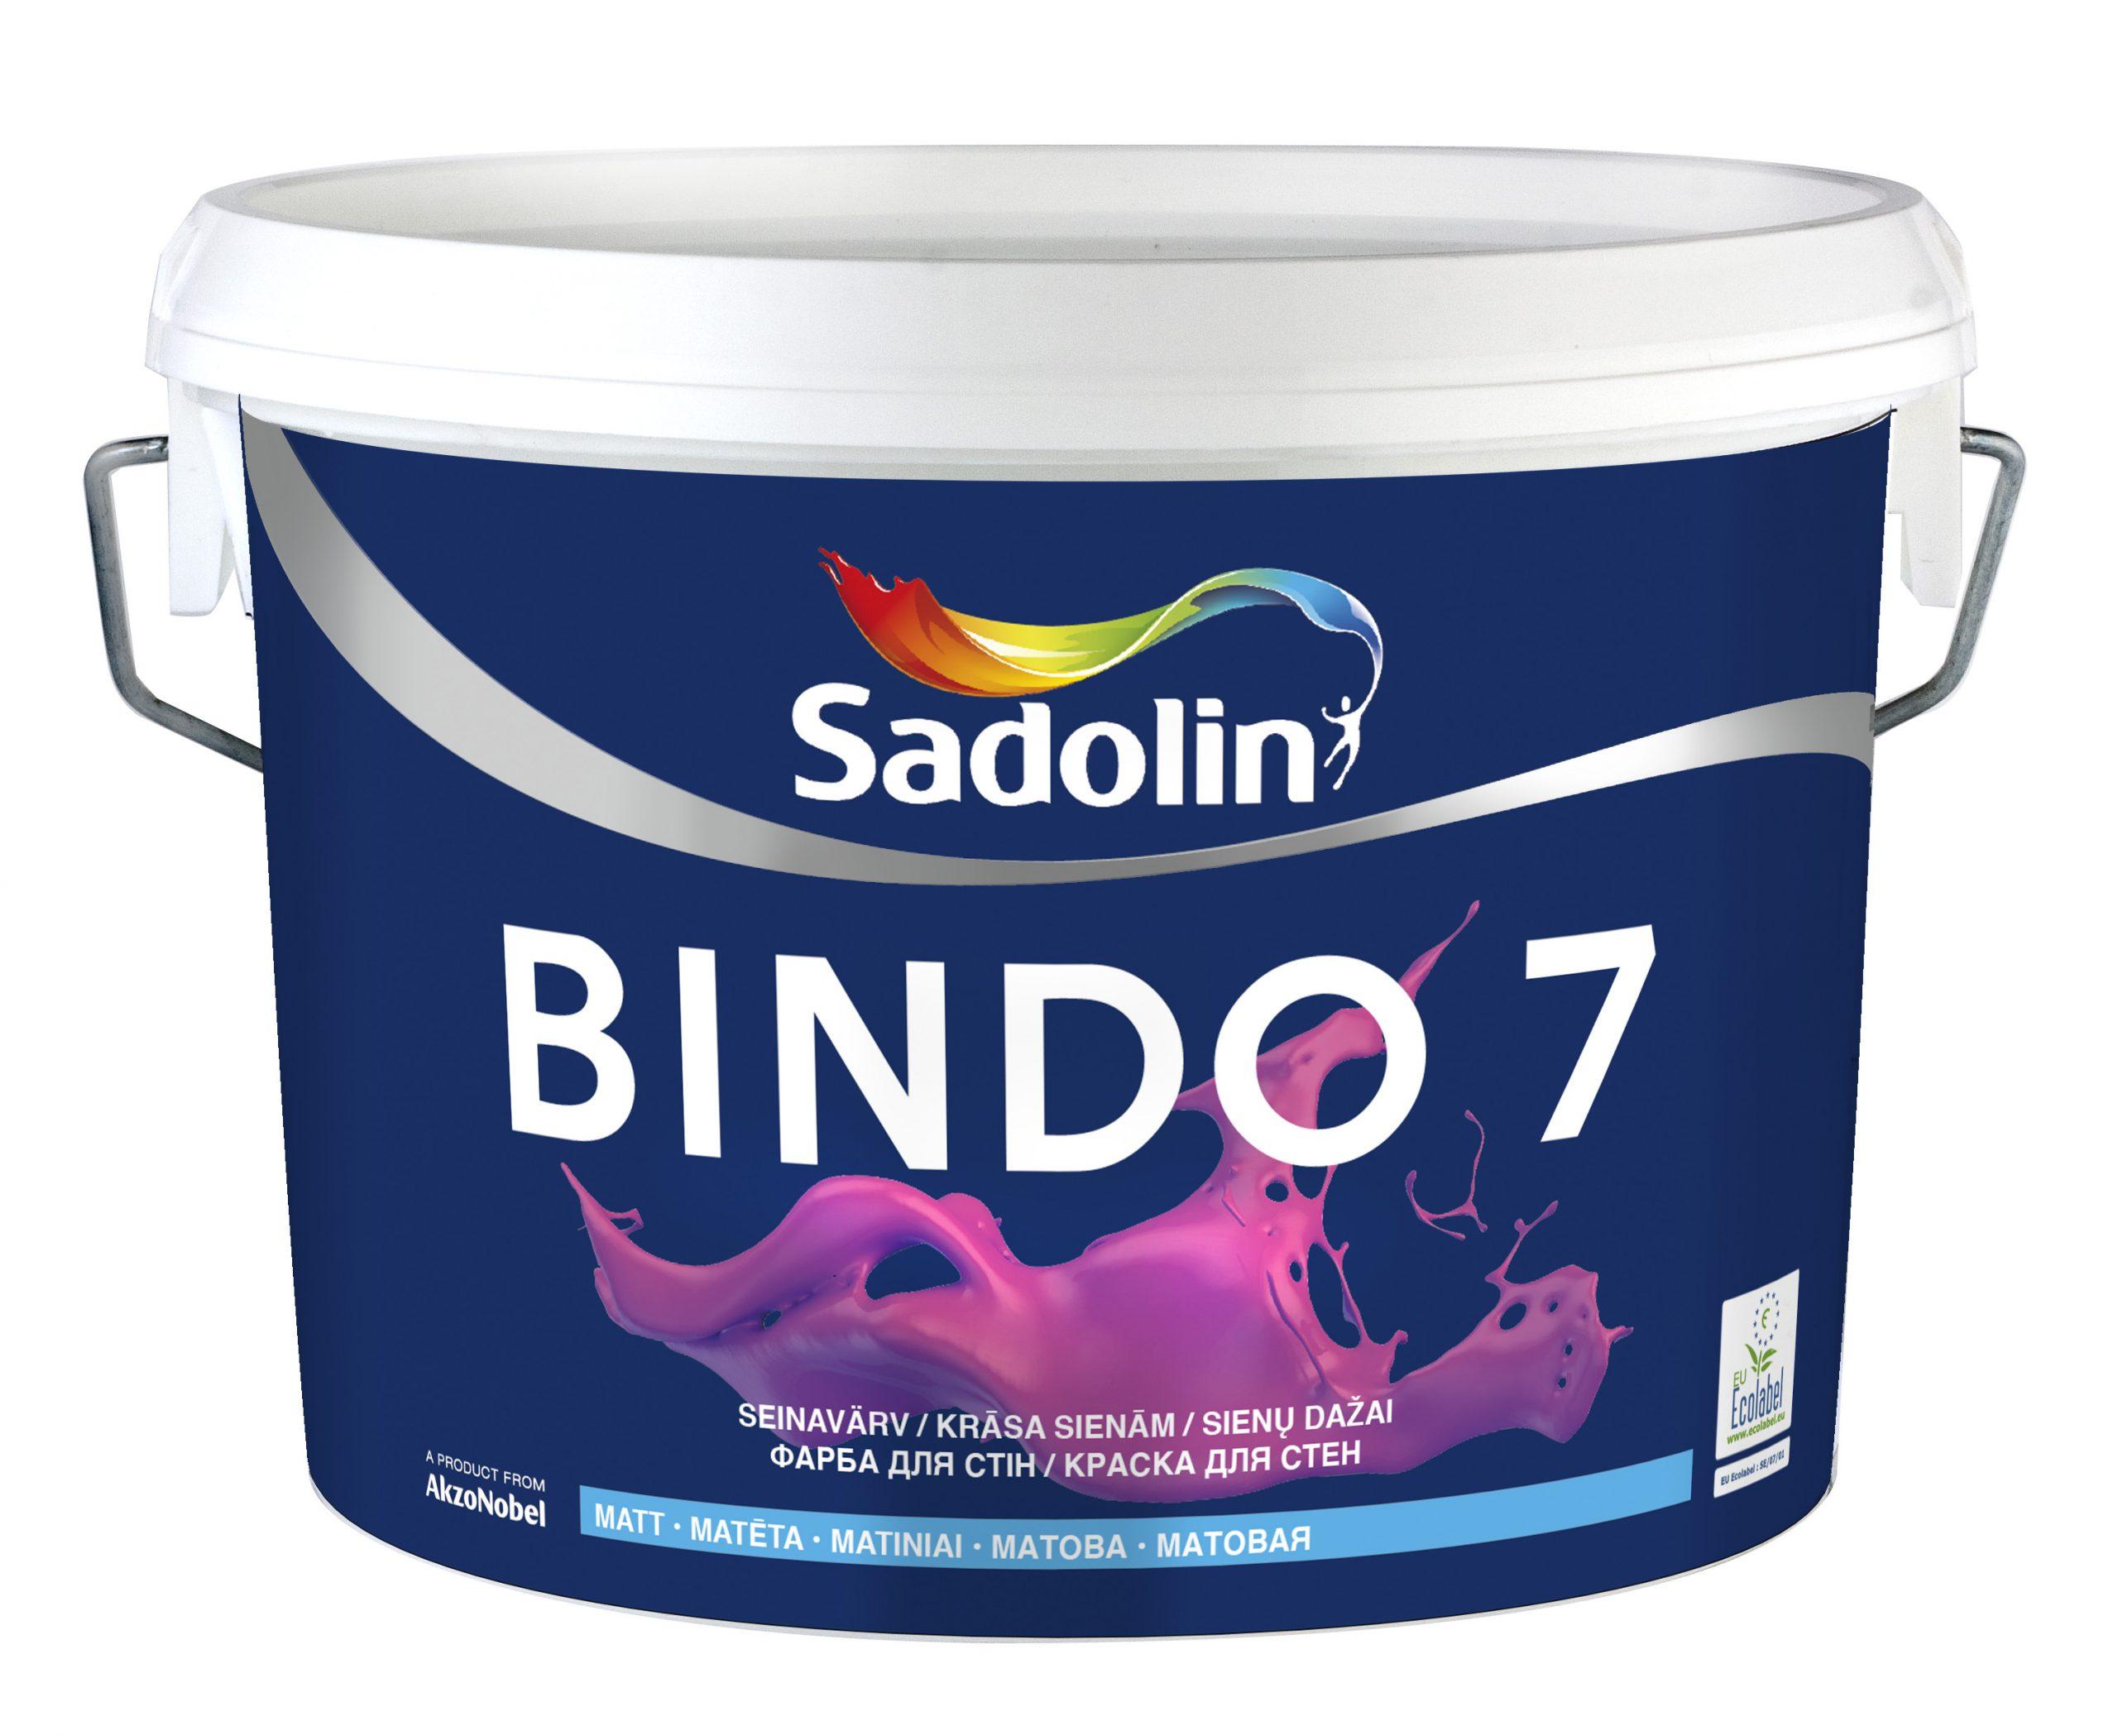 Bindo 7 5L